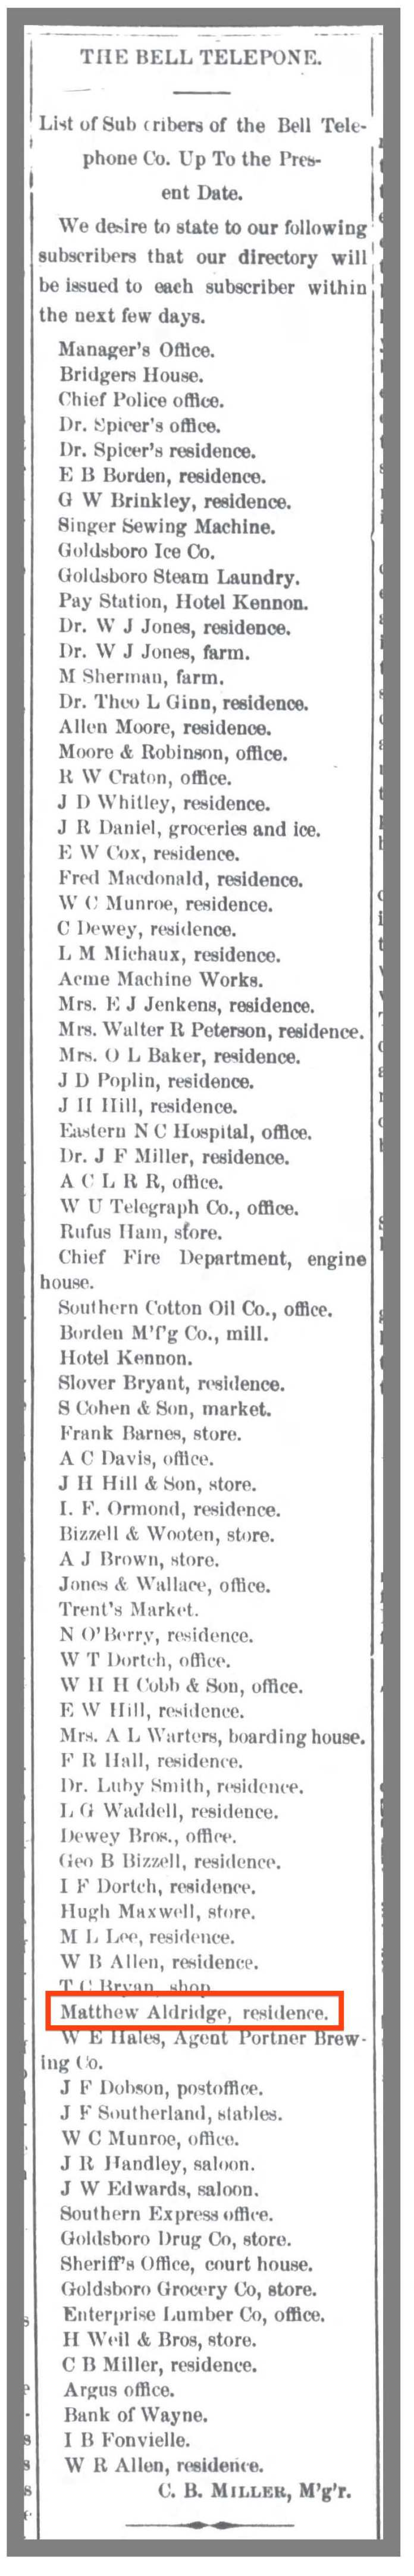 Gboro_Daily_Argus_4_10_1903_telephone